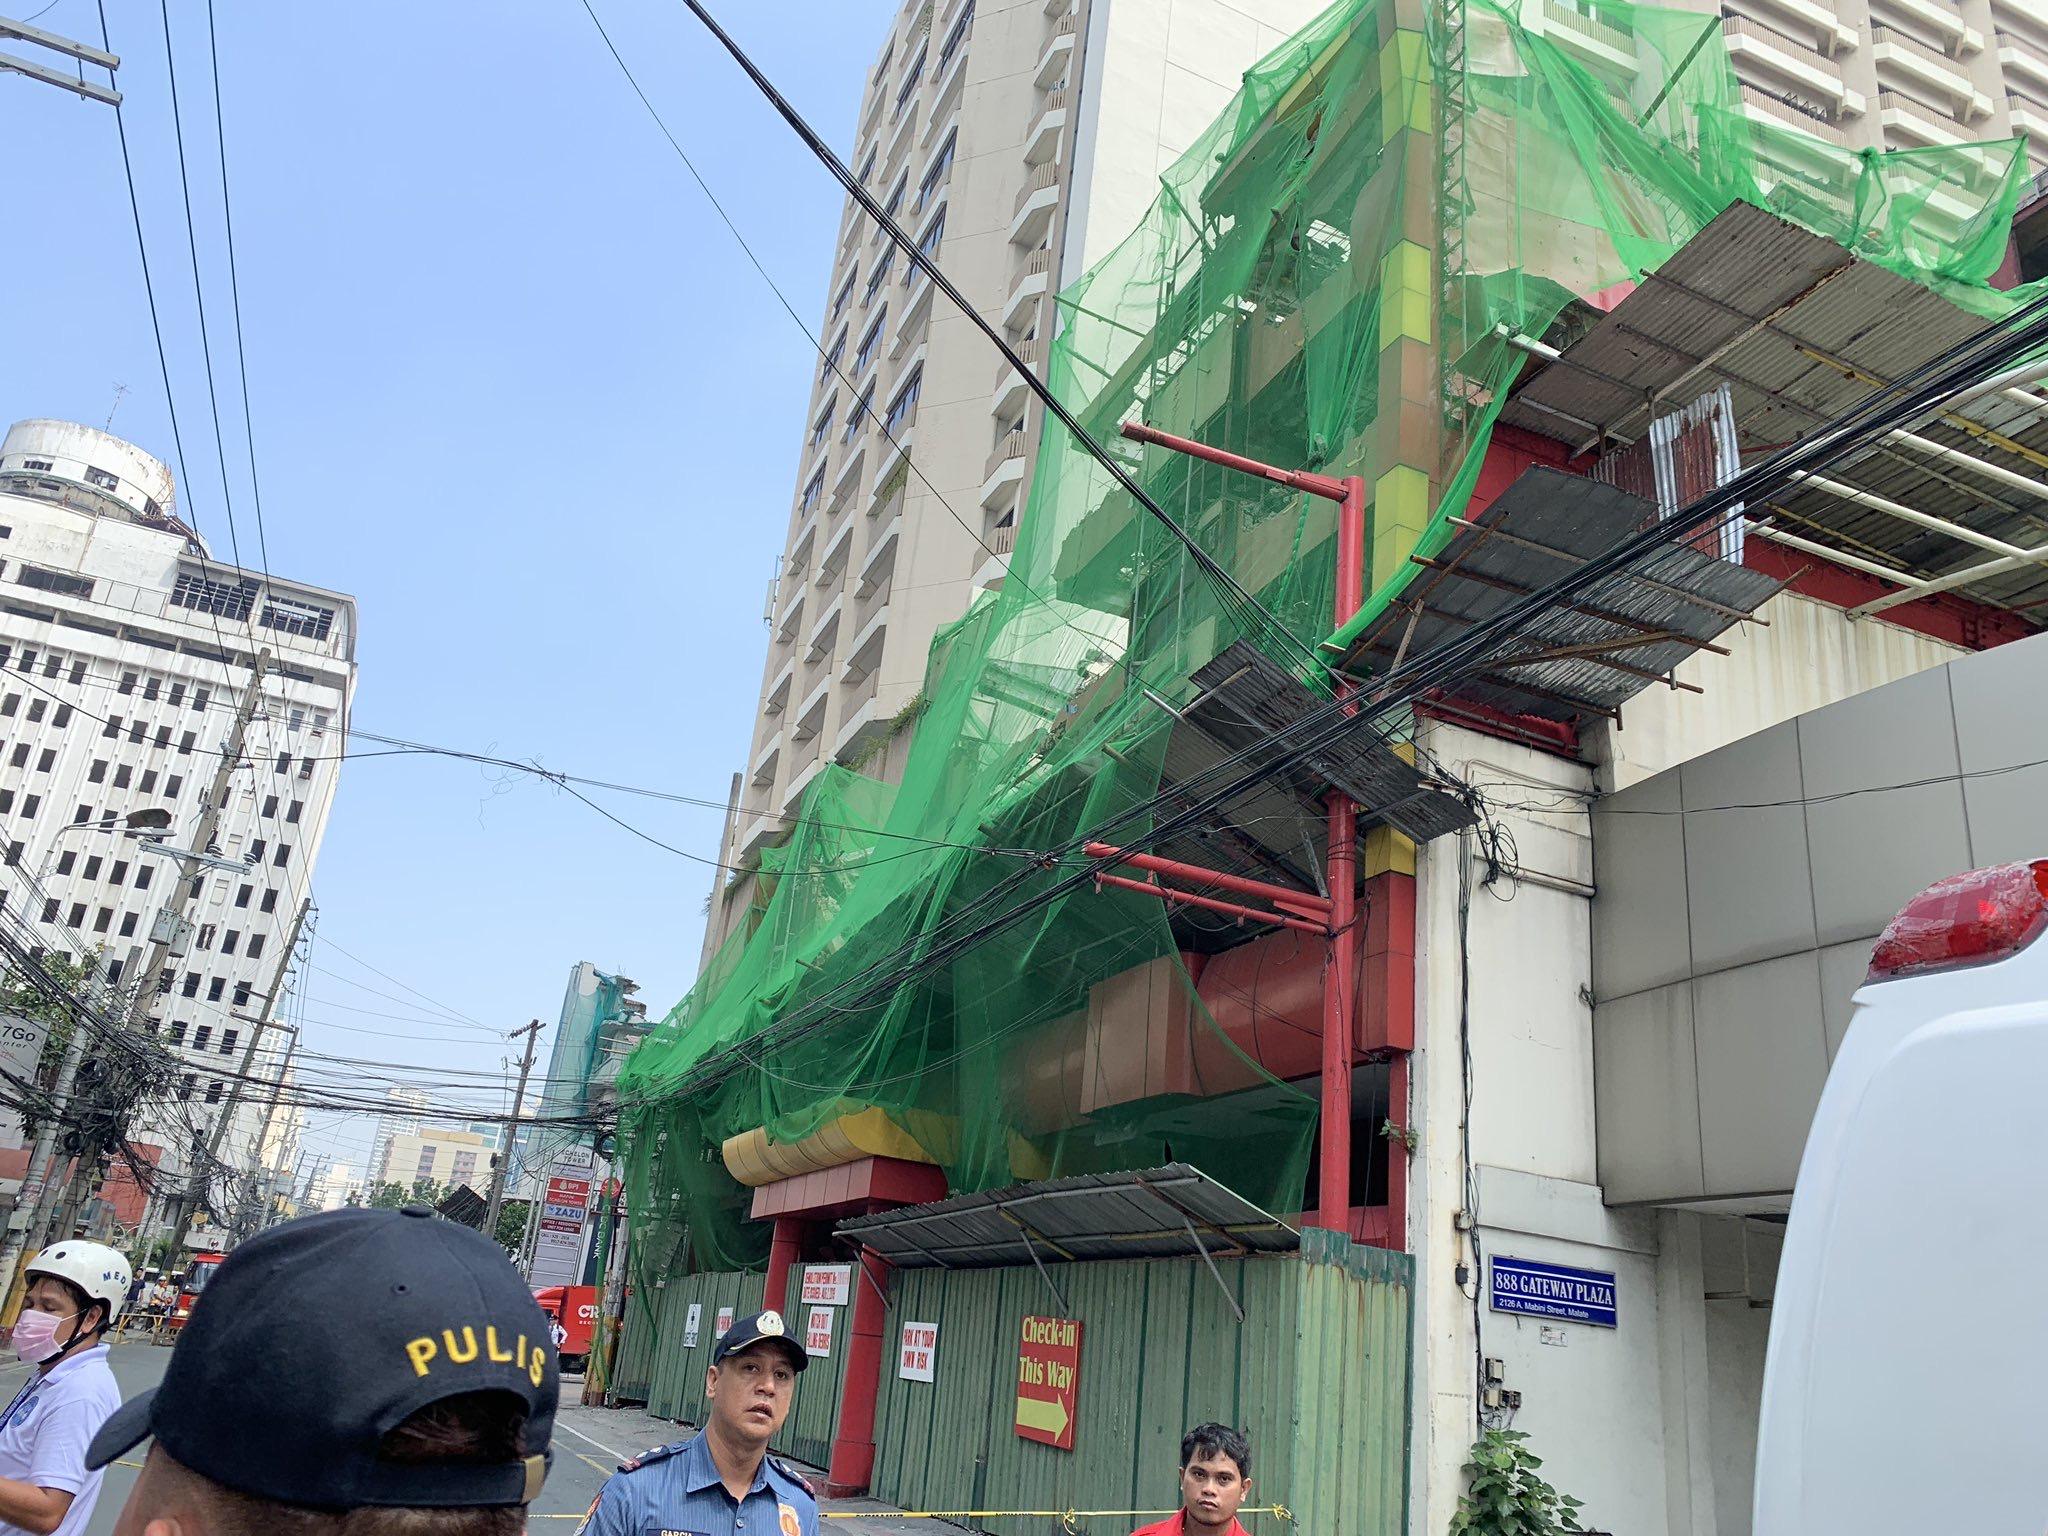 菲律宾一家汽车旅馆坍塌 数人受伤2人失踪